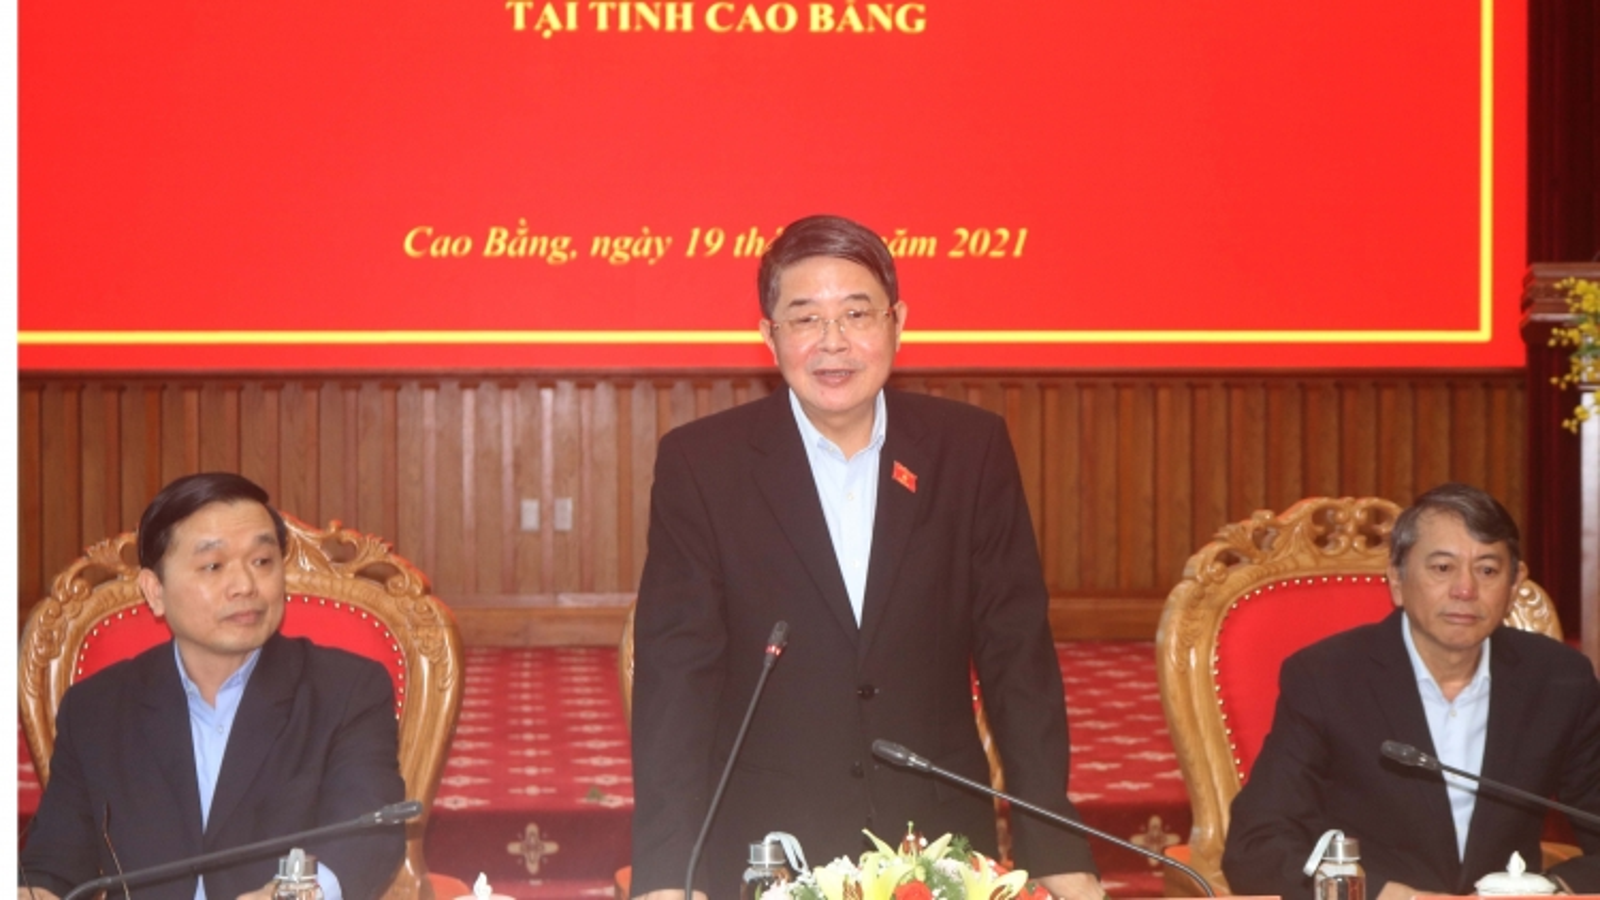 Phó Chủ tịch Quốc hội Nguyễn Đức Hải kiểm tra công tác bầu cử tại Cao Bằng